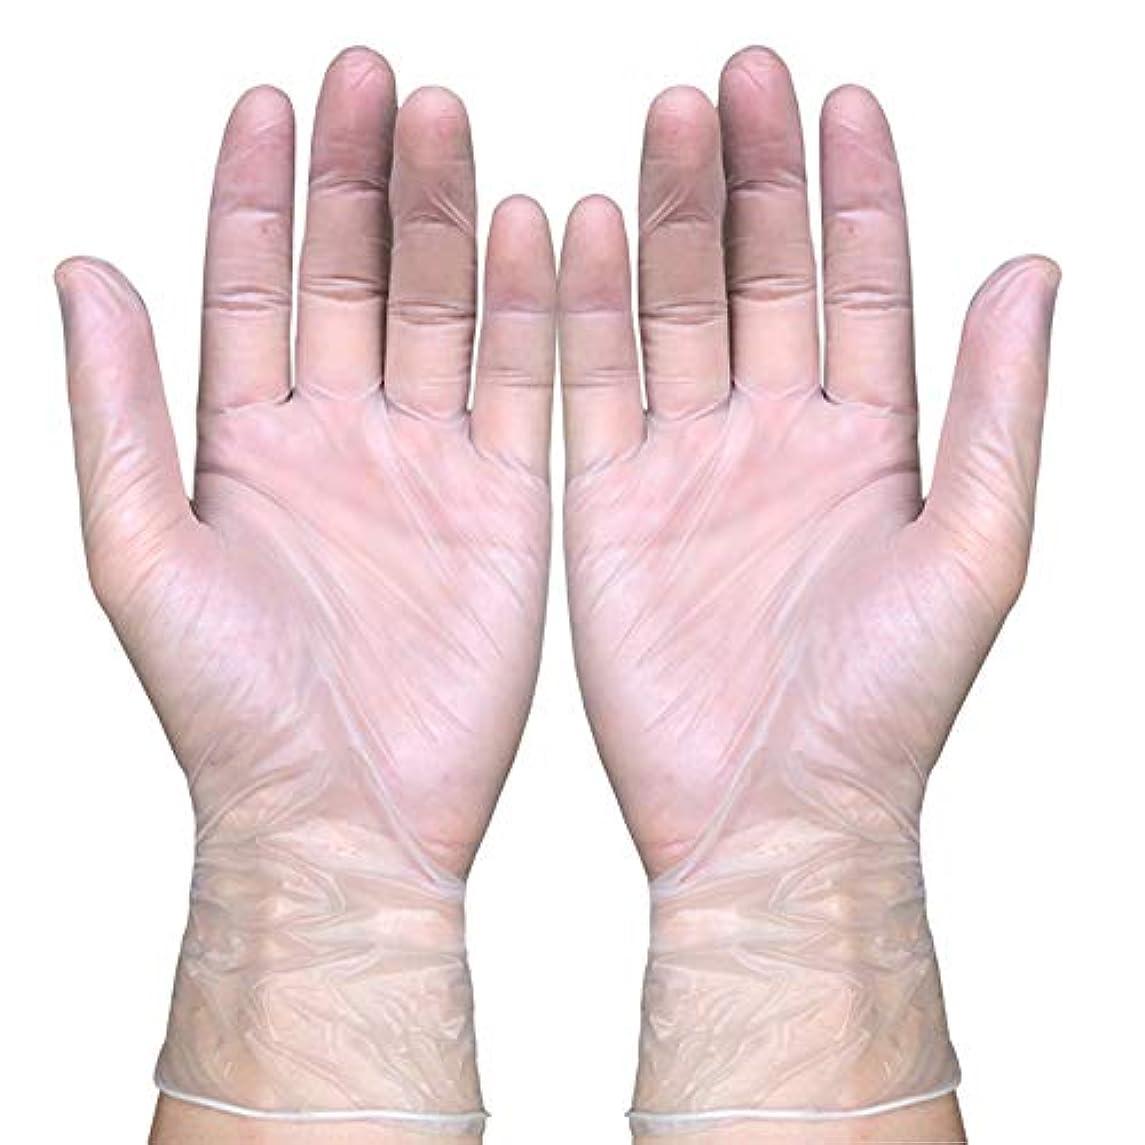 使い捨て医療ビニール検査用手袋、液体、血液、検査、ヘルスケア、食品の取り扱い粉なし、100カウント,S